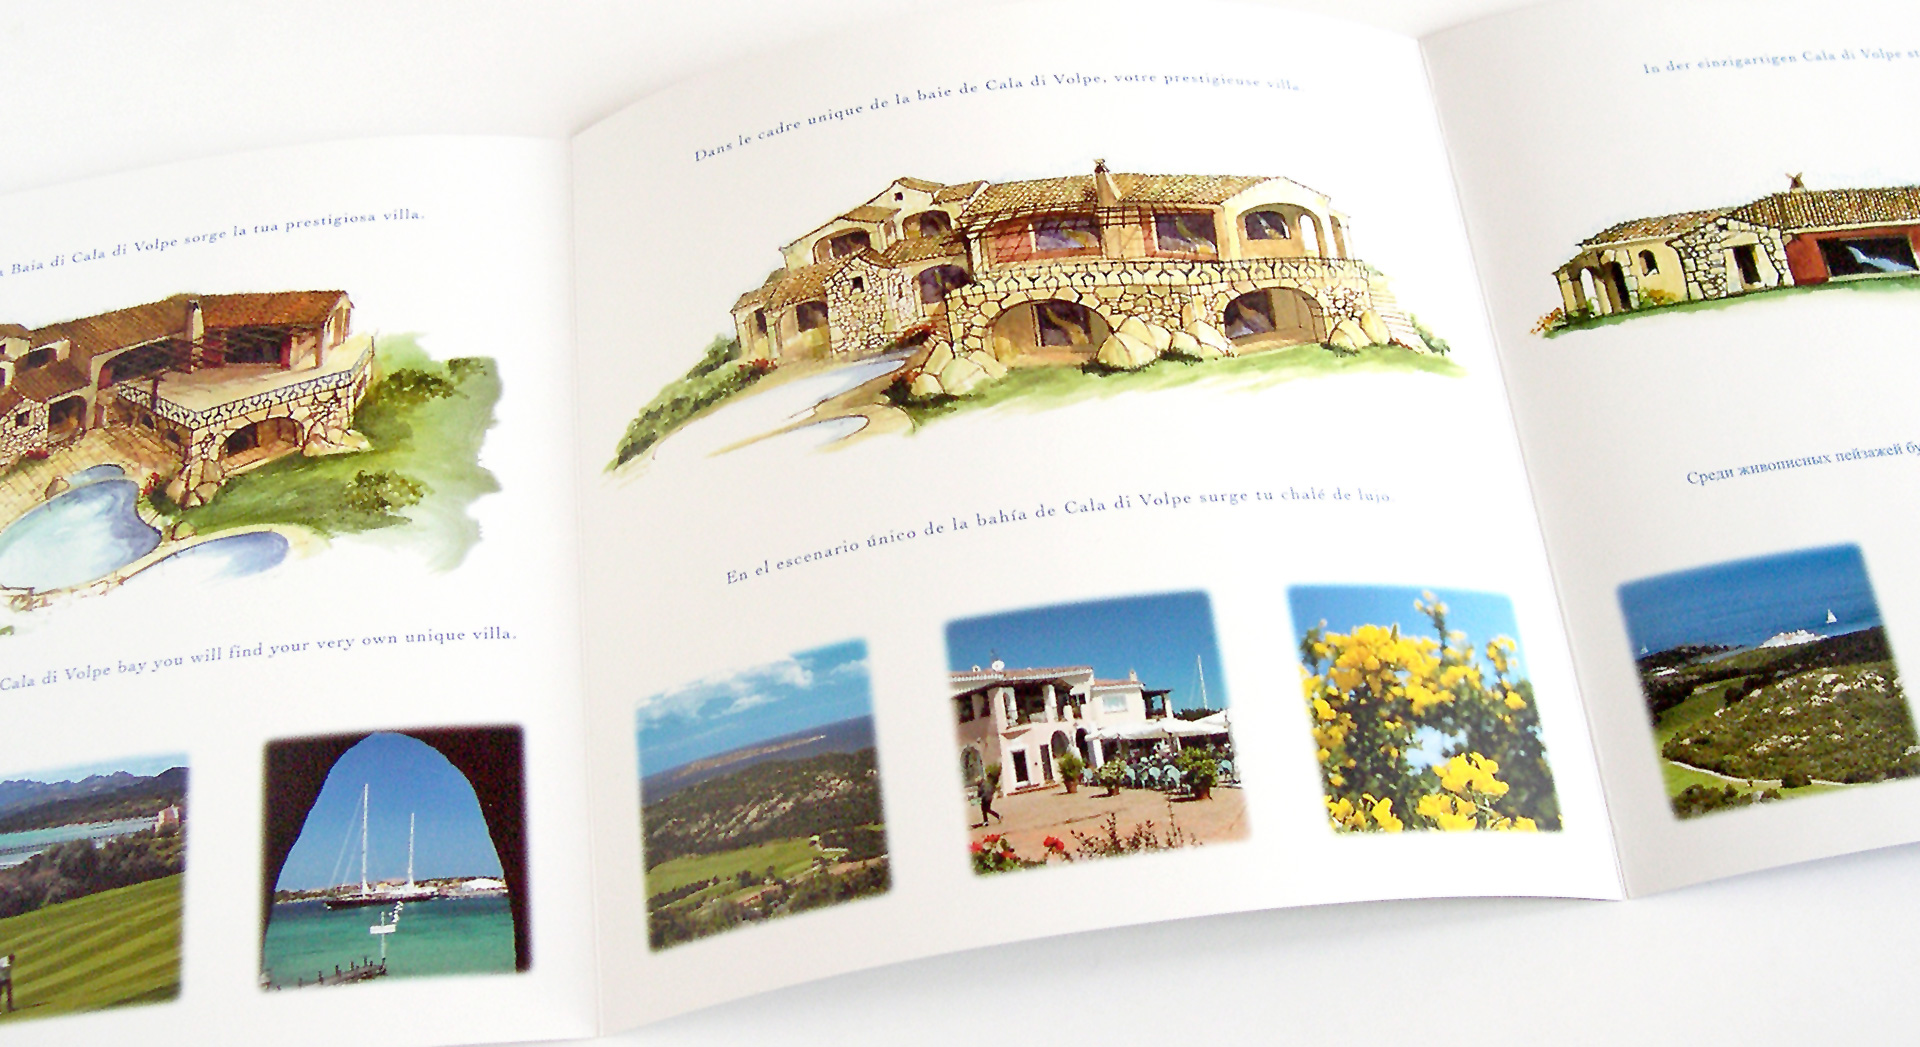 Chrimar Costruzioni - Brochure per la presentazione di una villa a Cala di Volpe